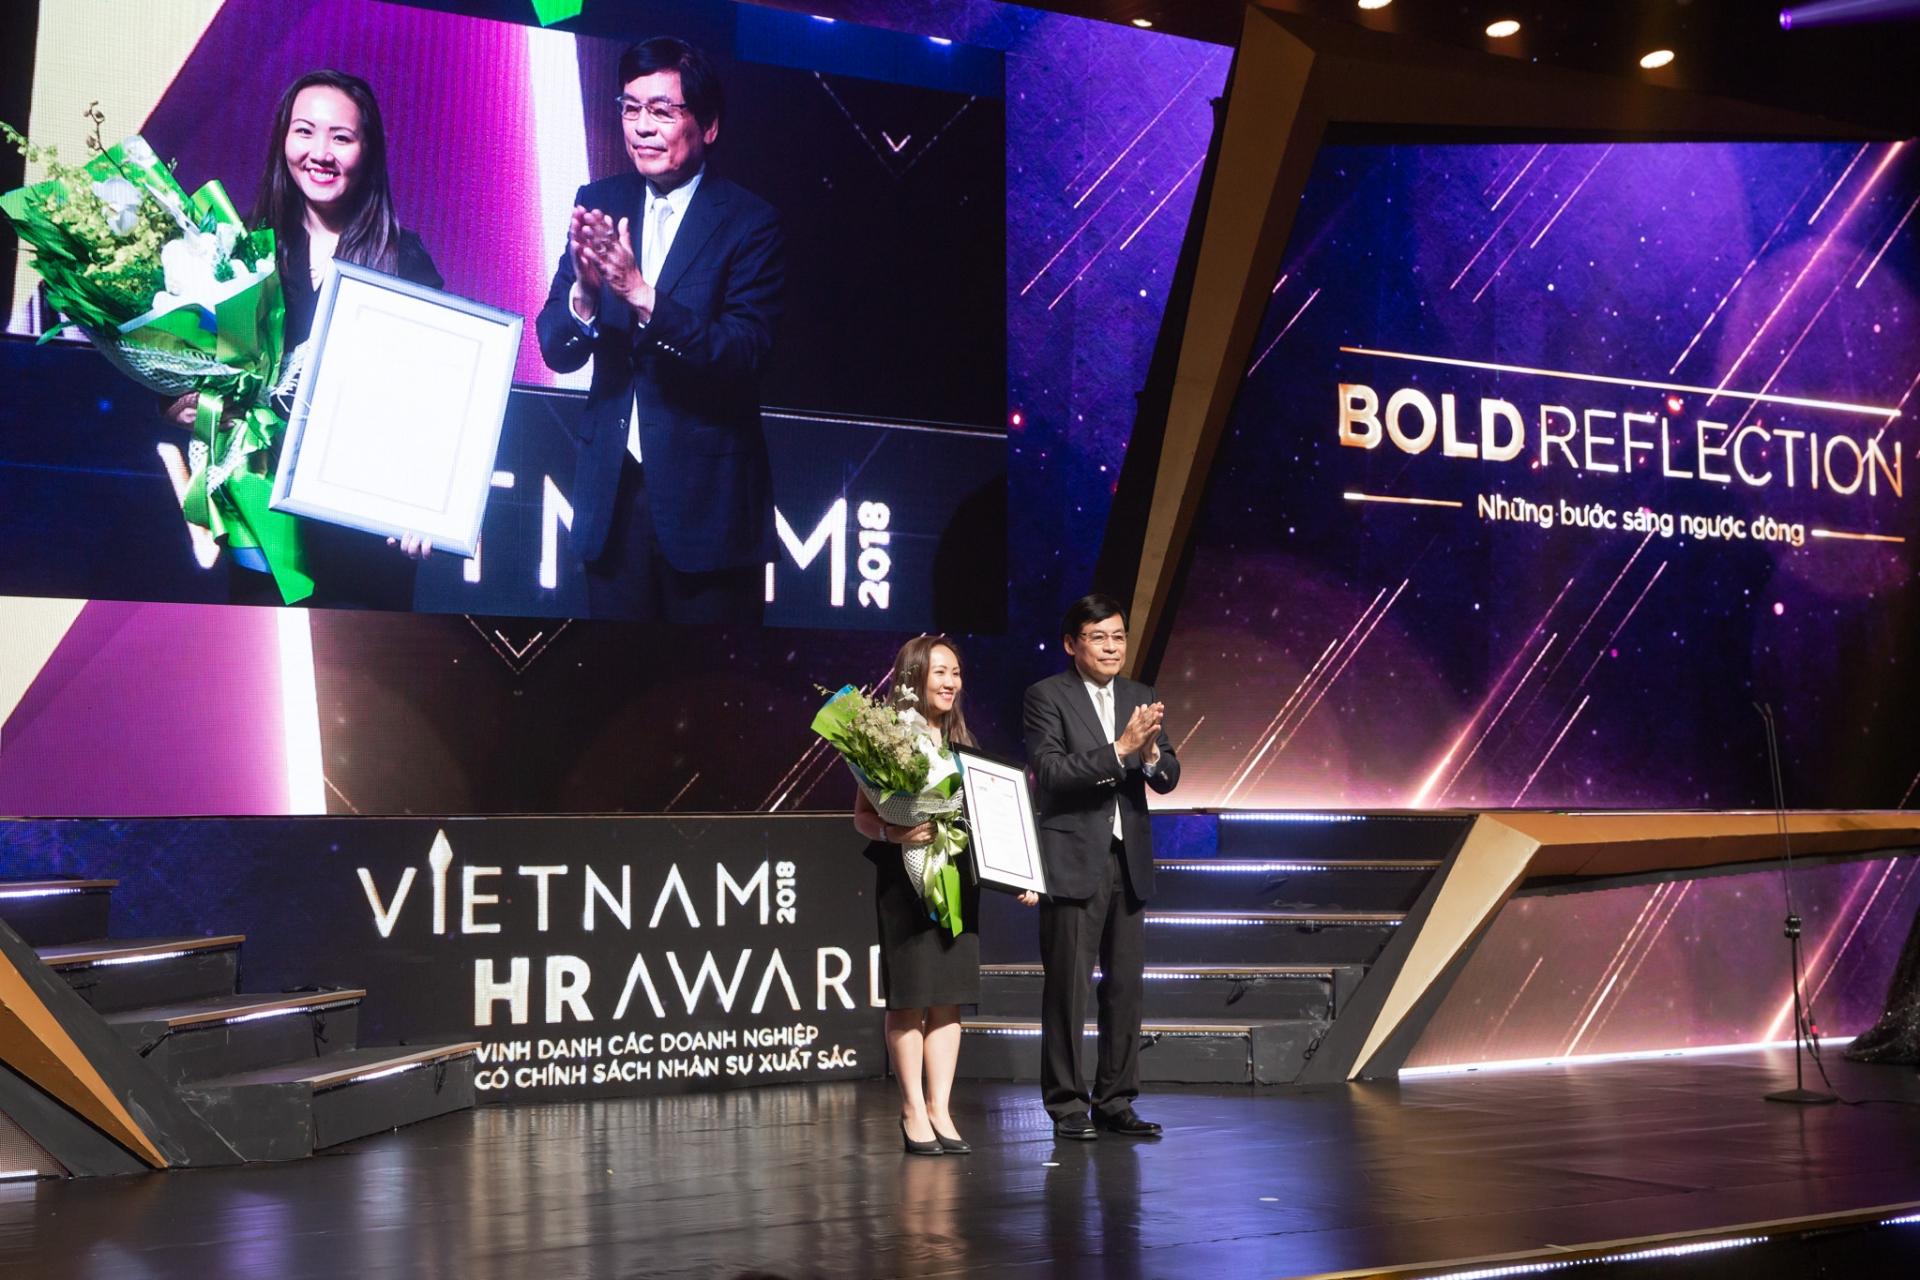 14 winners named for vietnam hr awards 2018